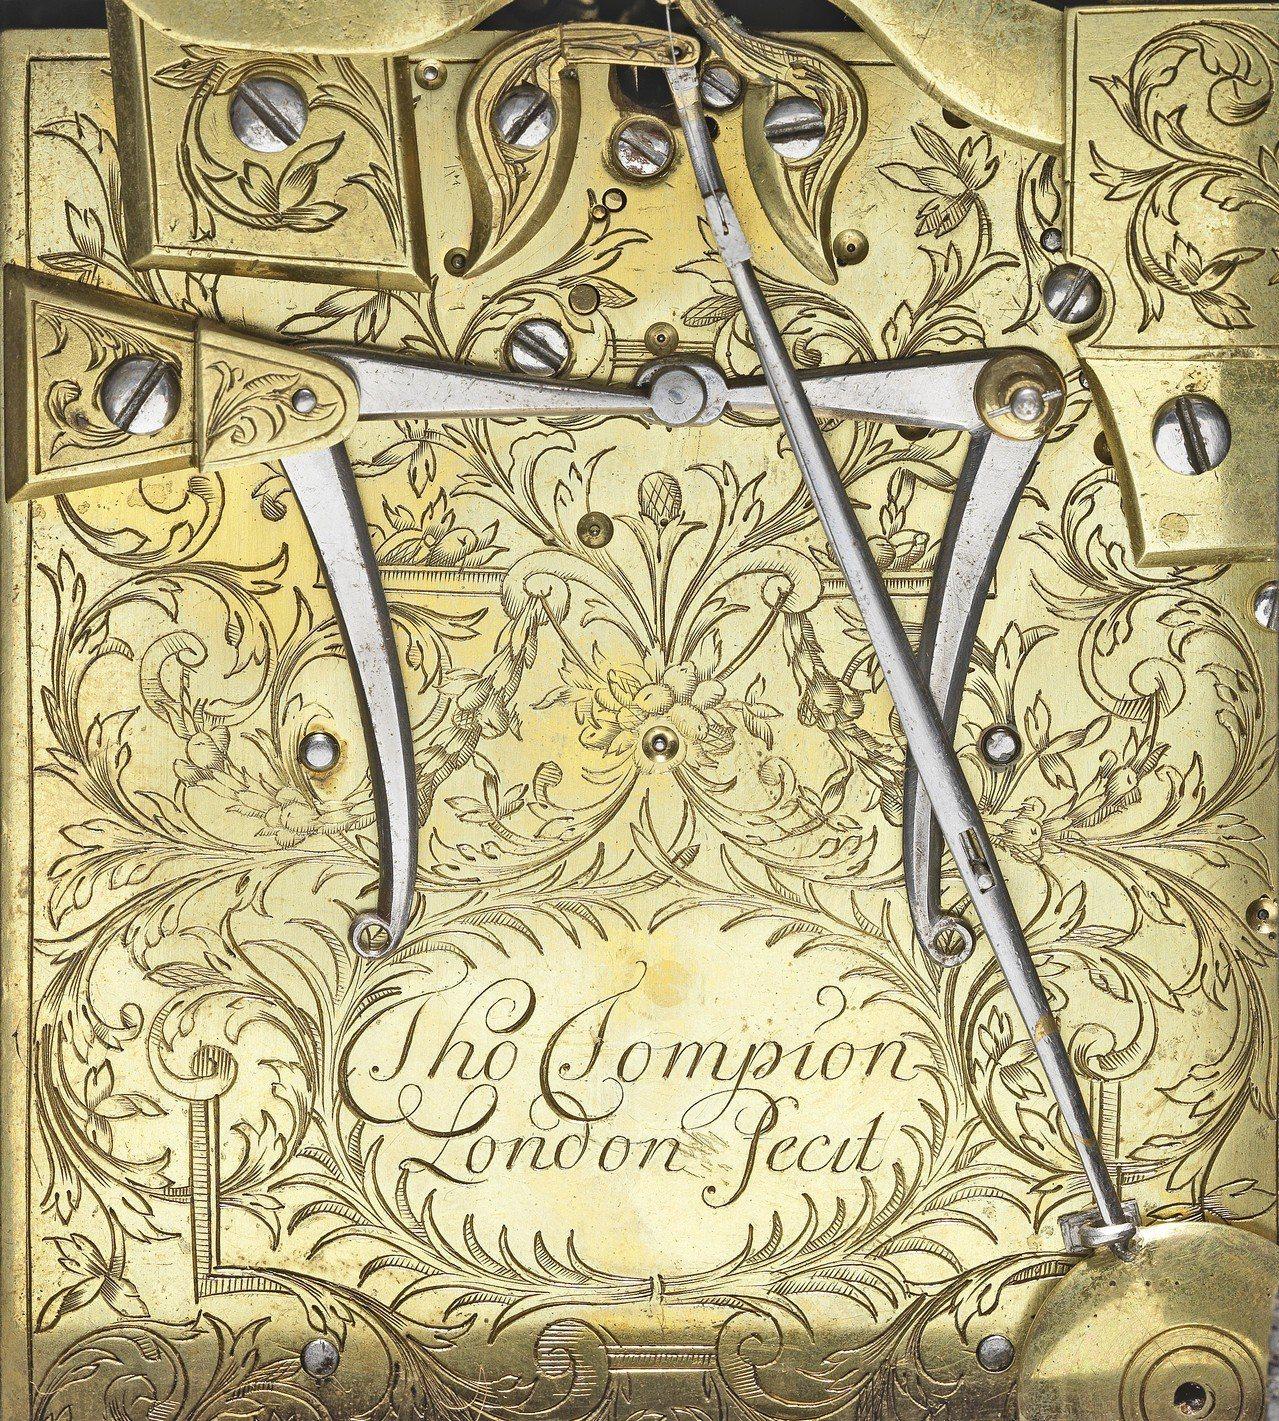 「皇家Tompion座鐘」背面細節。圖/邦瀚斯提供